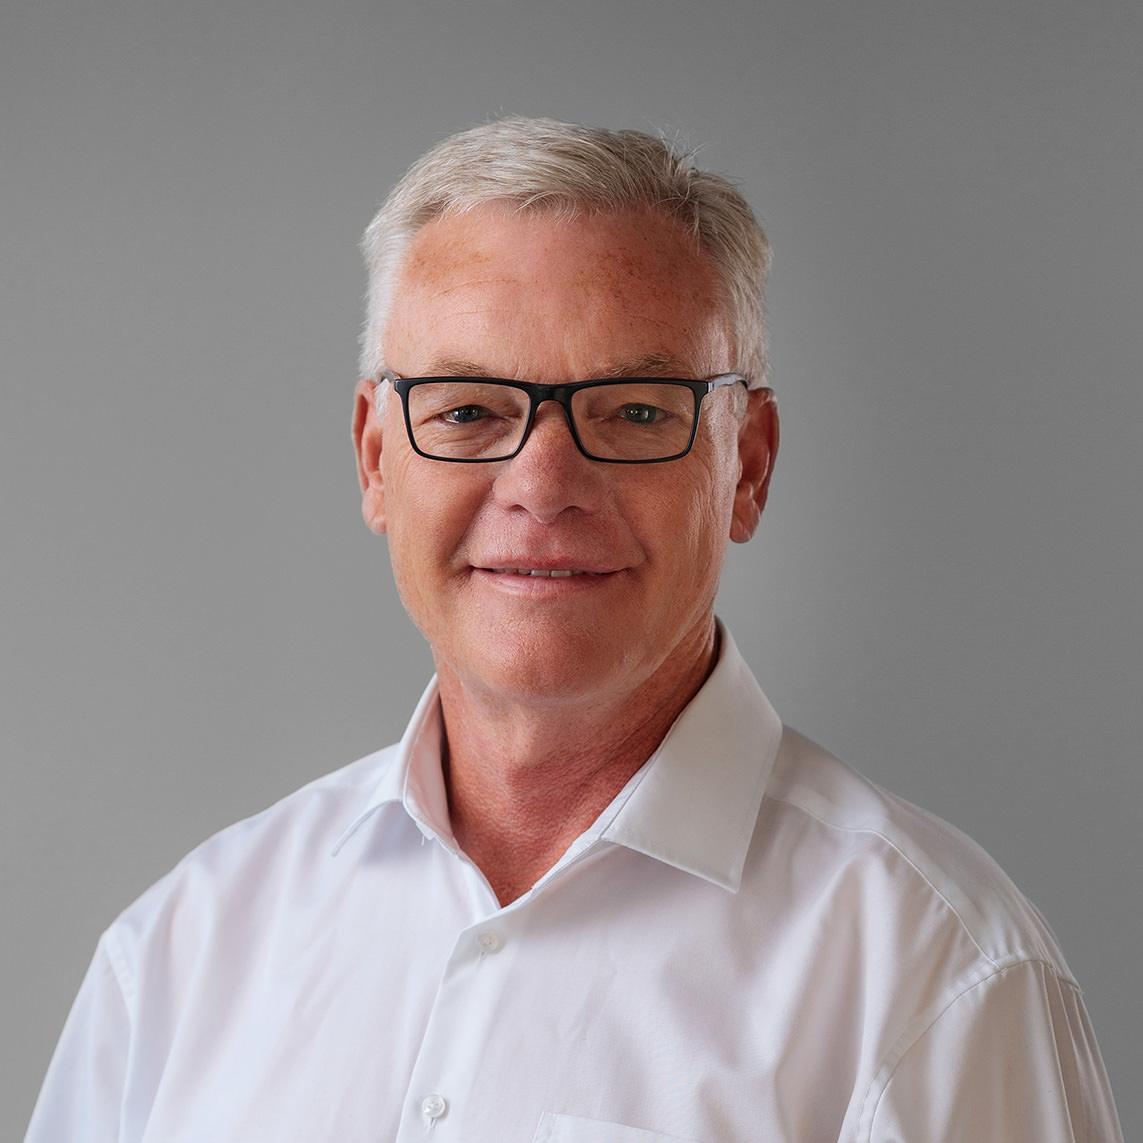 Peter Linn